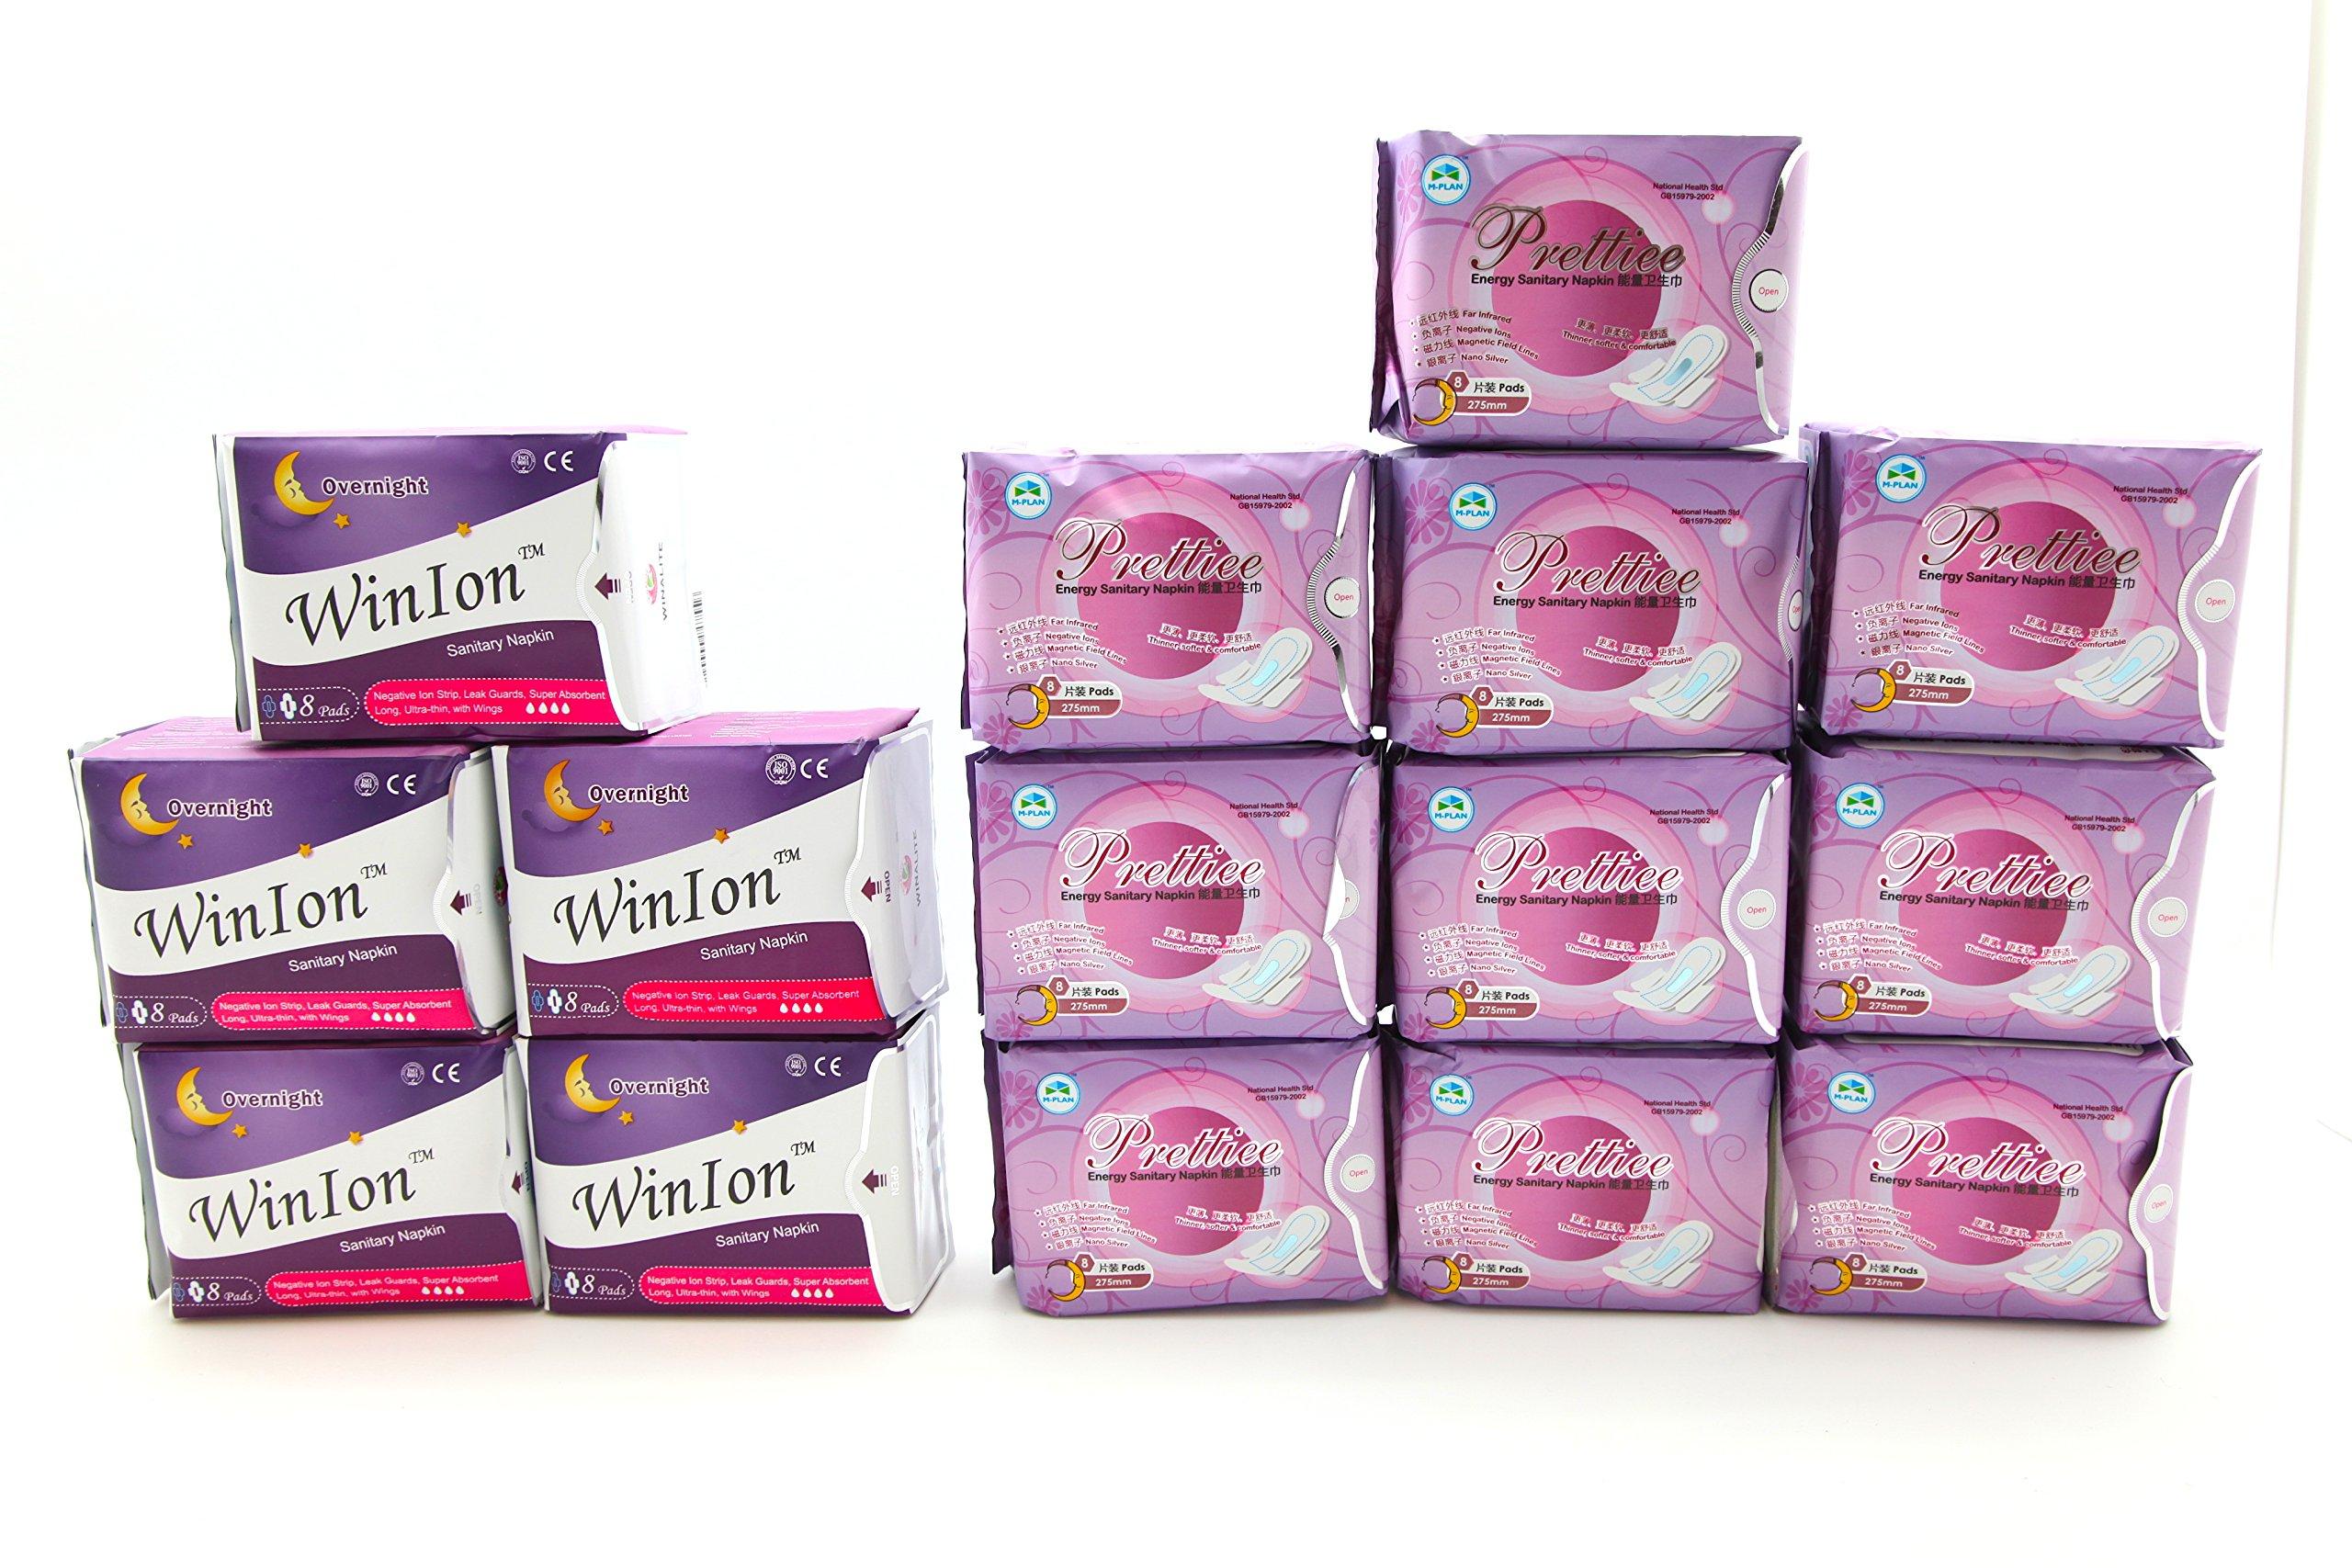 5 packs Winion Night + 10 packs Prettiee Energy Sanitary Night Napkin